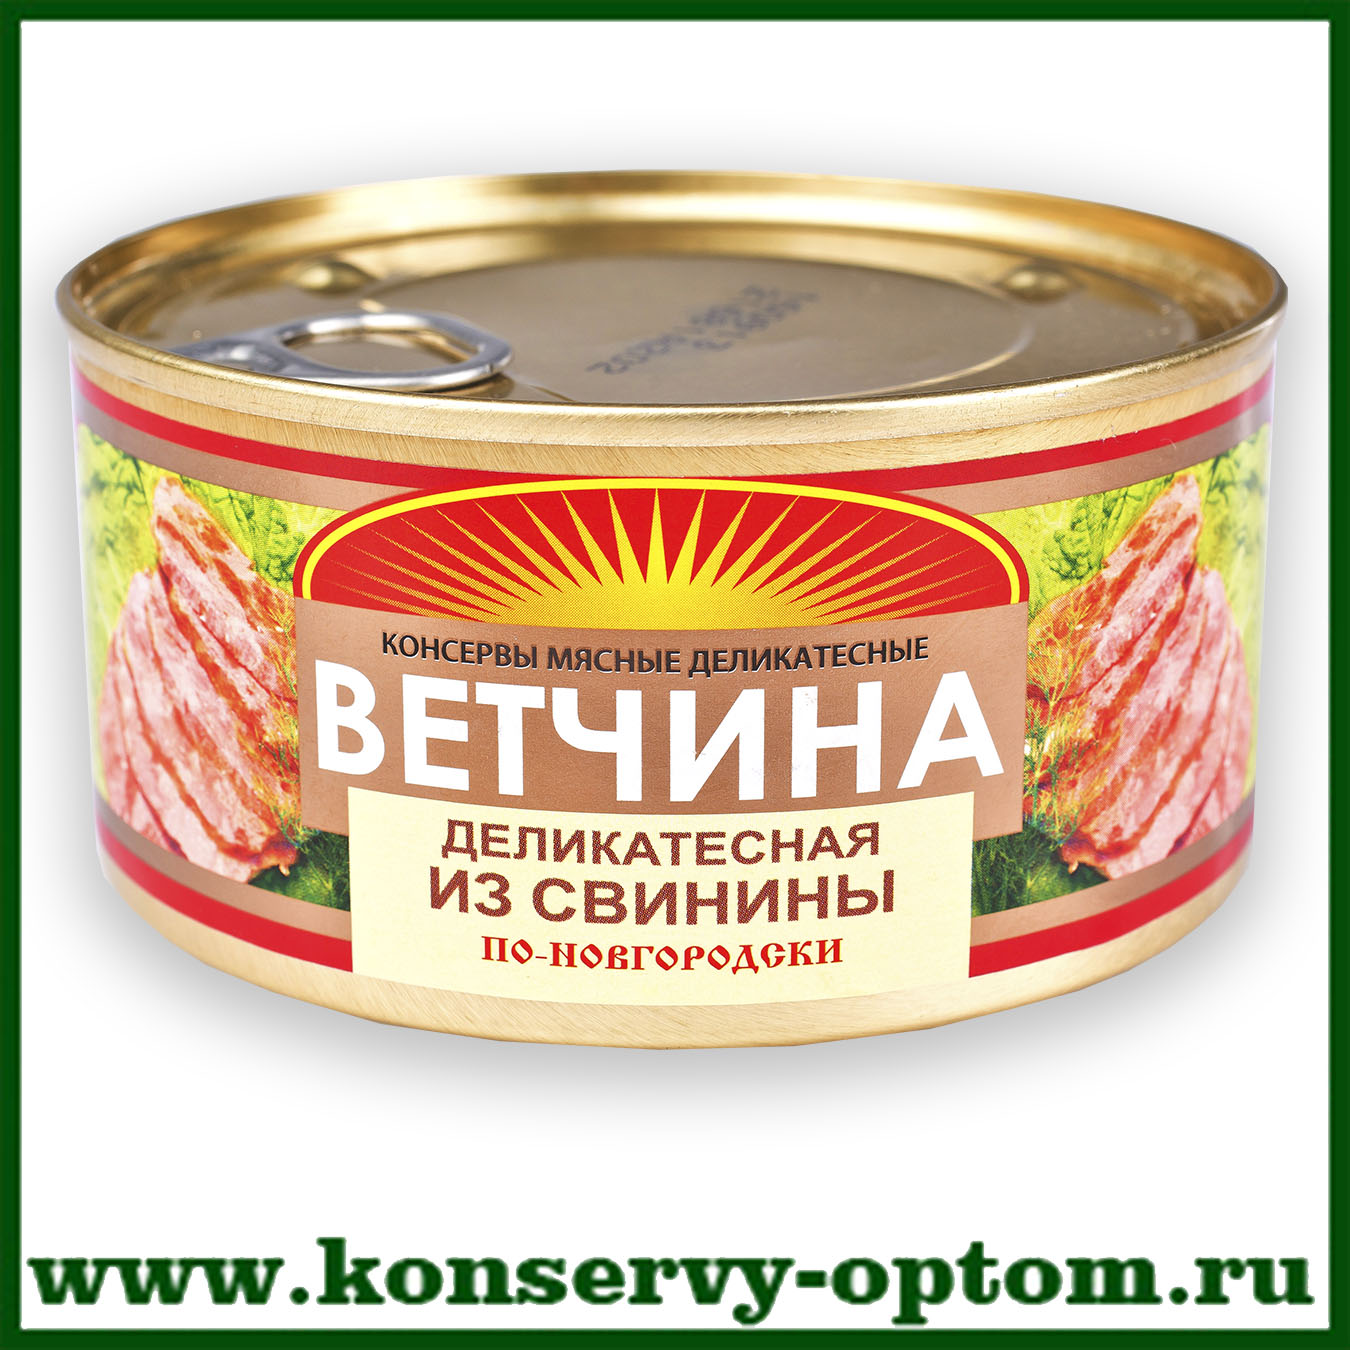 Ветчина деликатесная из свинины по-новгородски 340 г